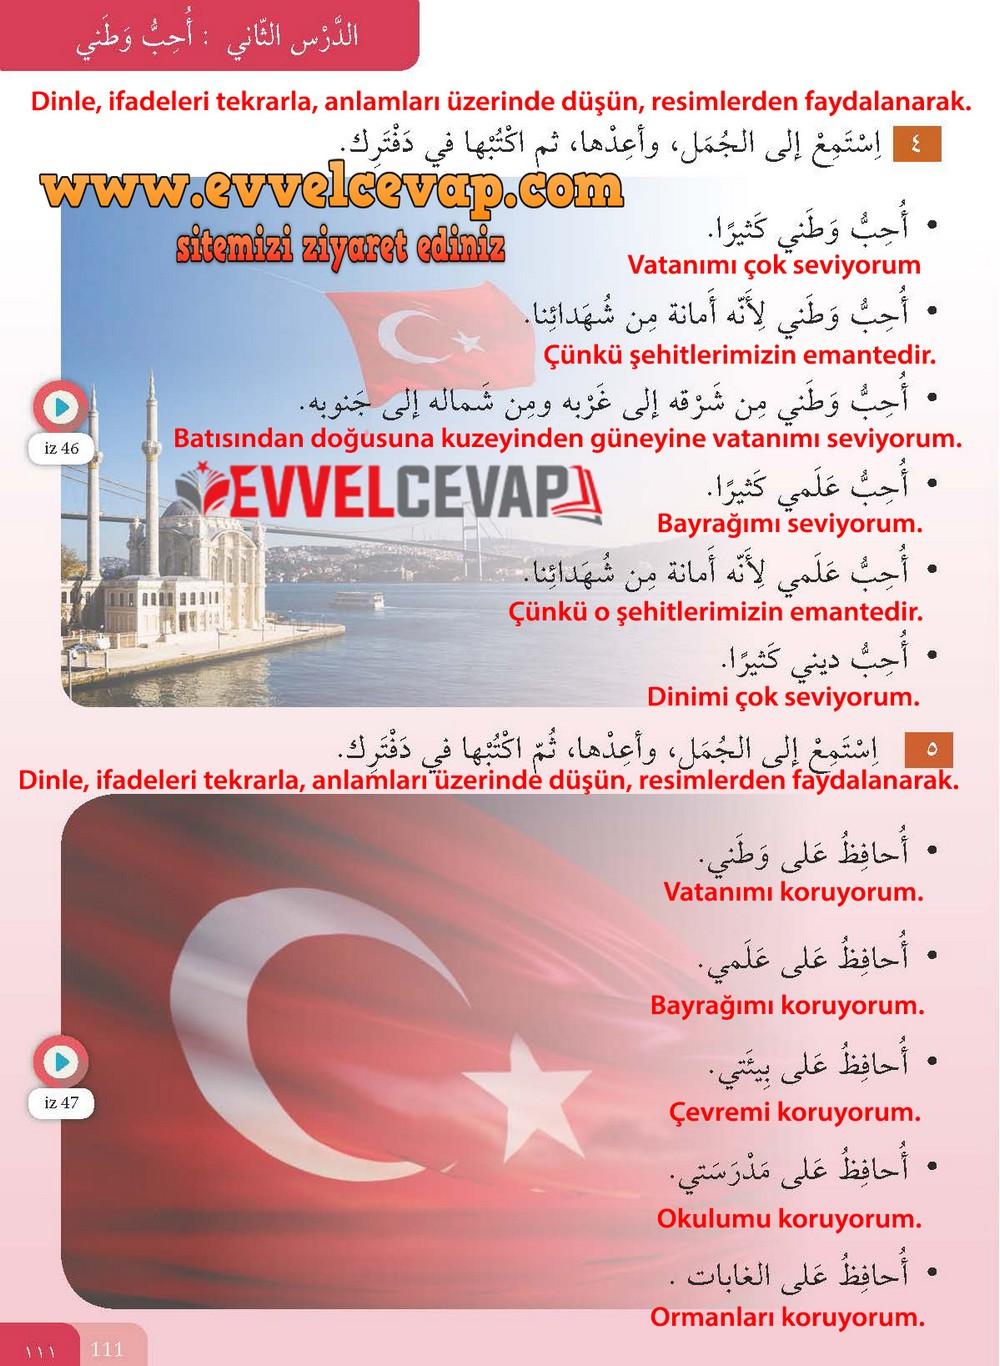 7. Sınıf Meb Yayınları Arapça Ders ve Öğrenci Çalışma Kitabı Sayfa 111 Cevabı